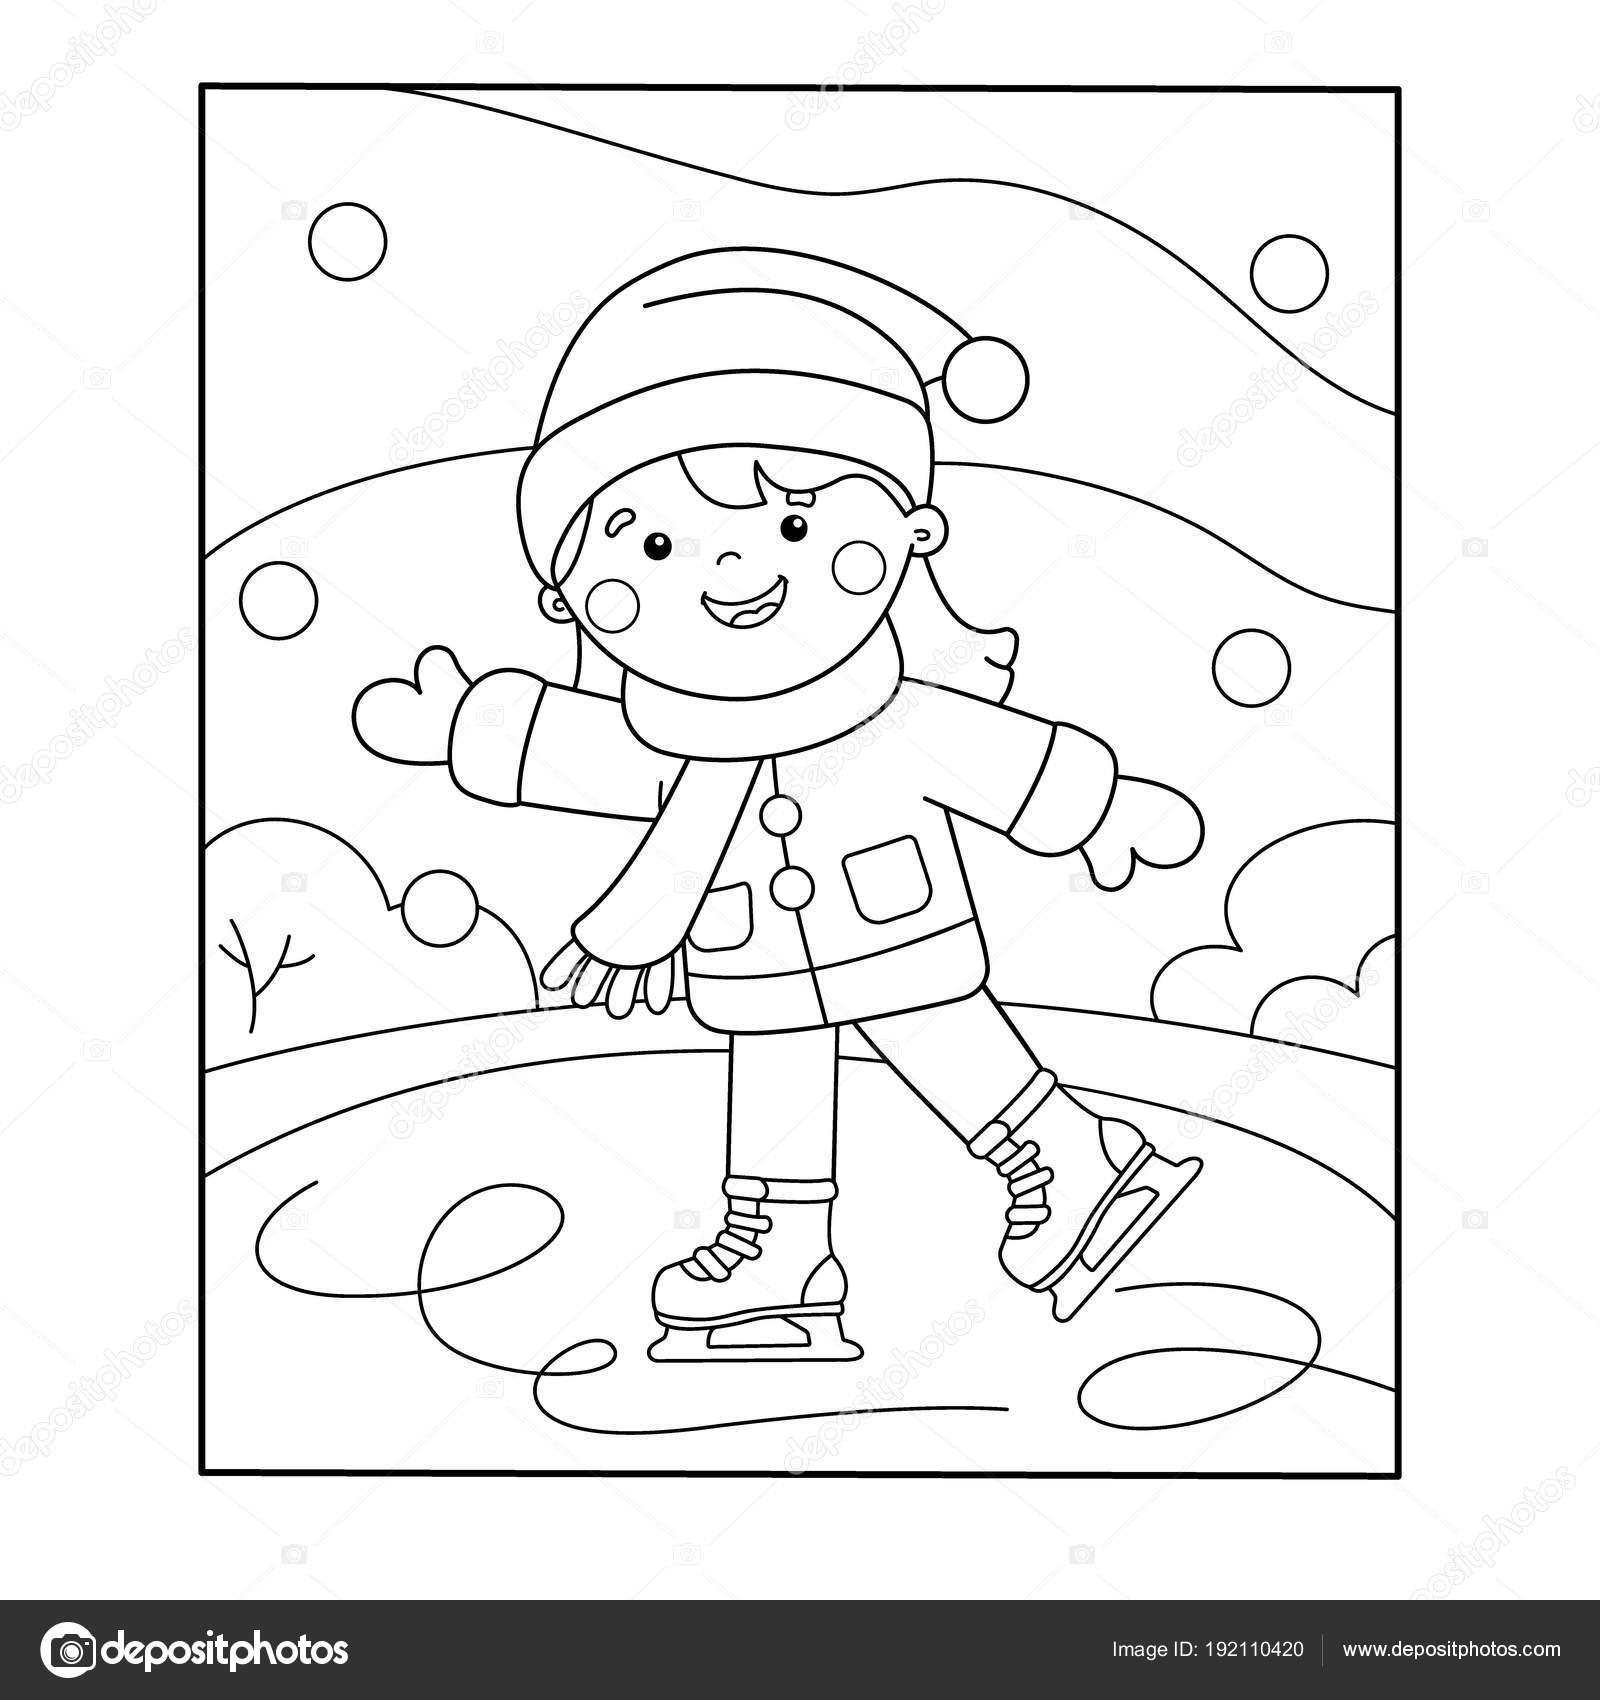 Para colorear esquema de página de dibujos animados chica patinando ...